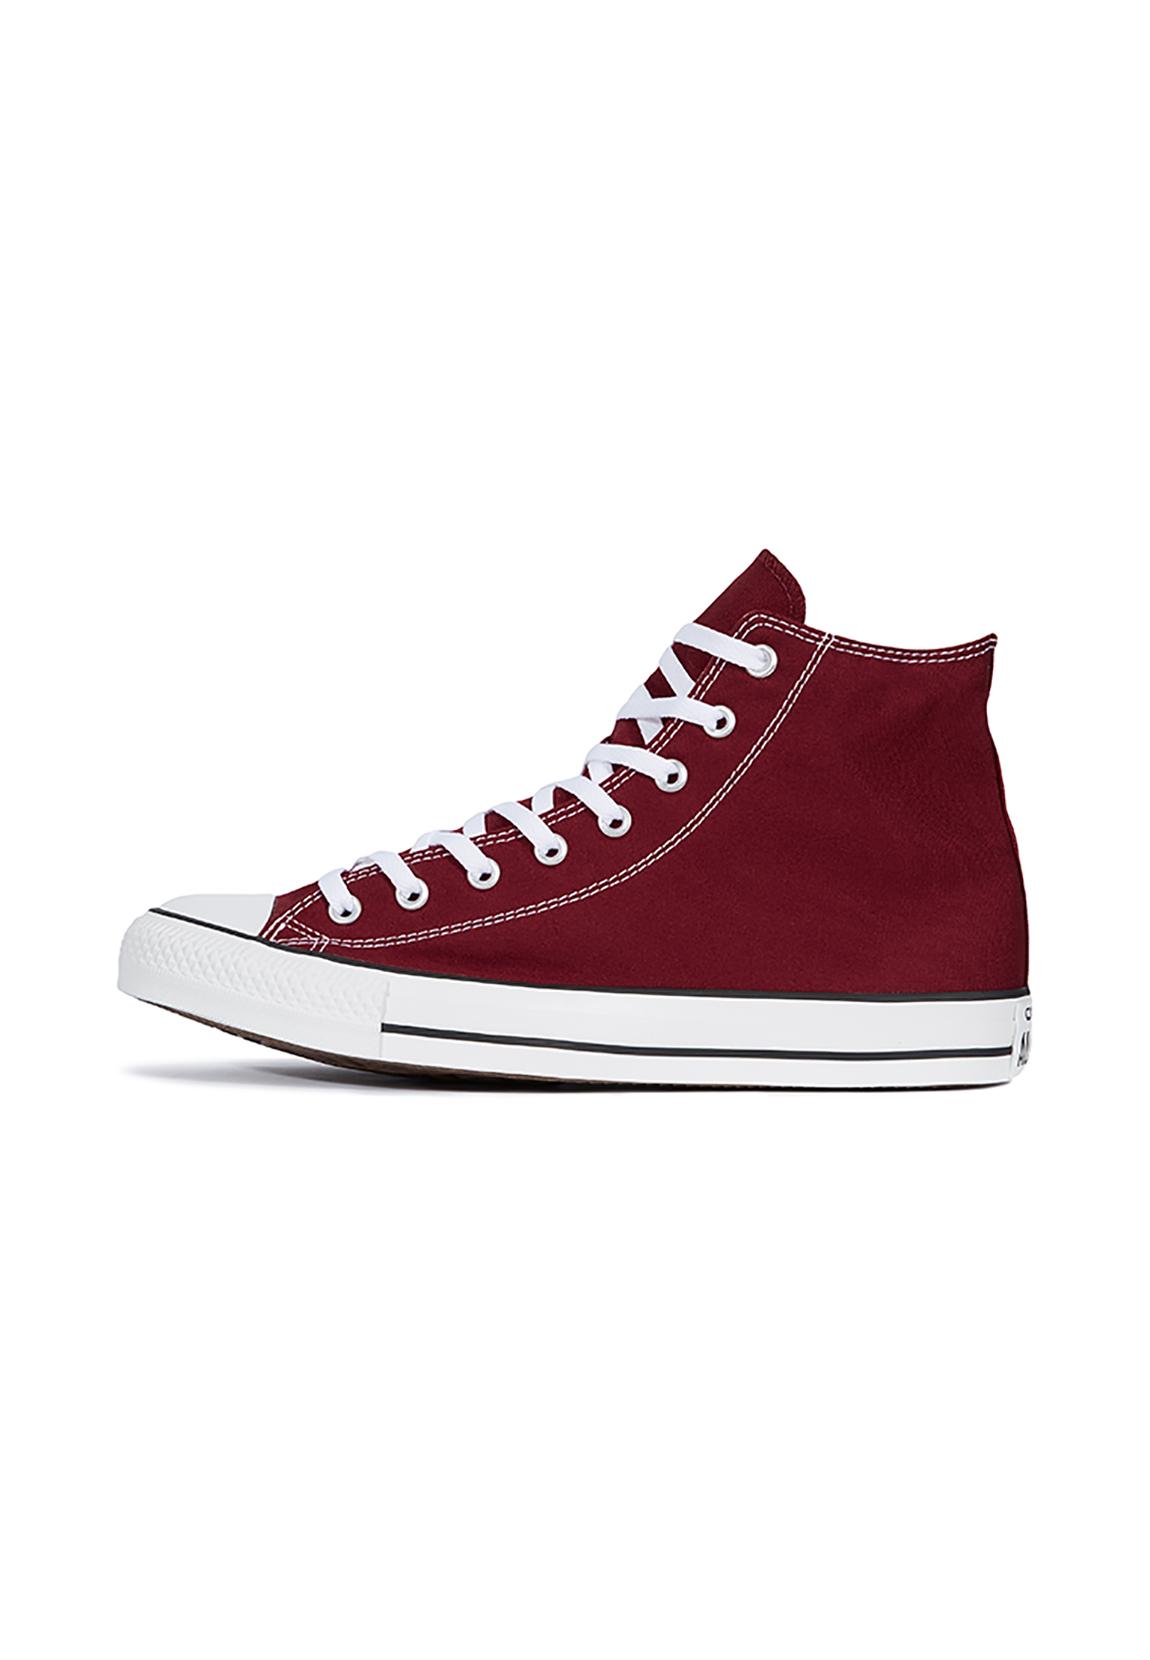 Converse Basic Chucks All Star Hi M9613c Maroon Schuhe